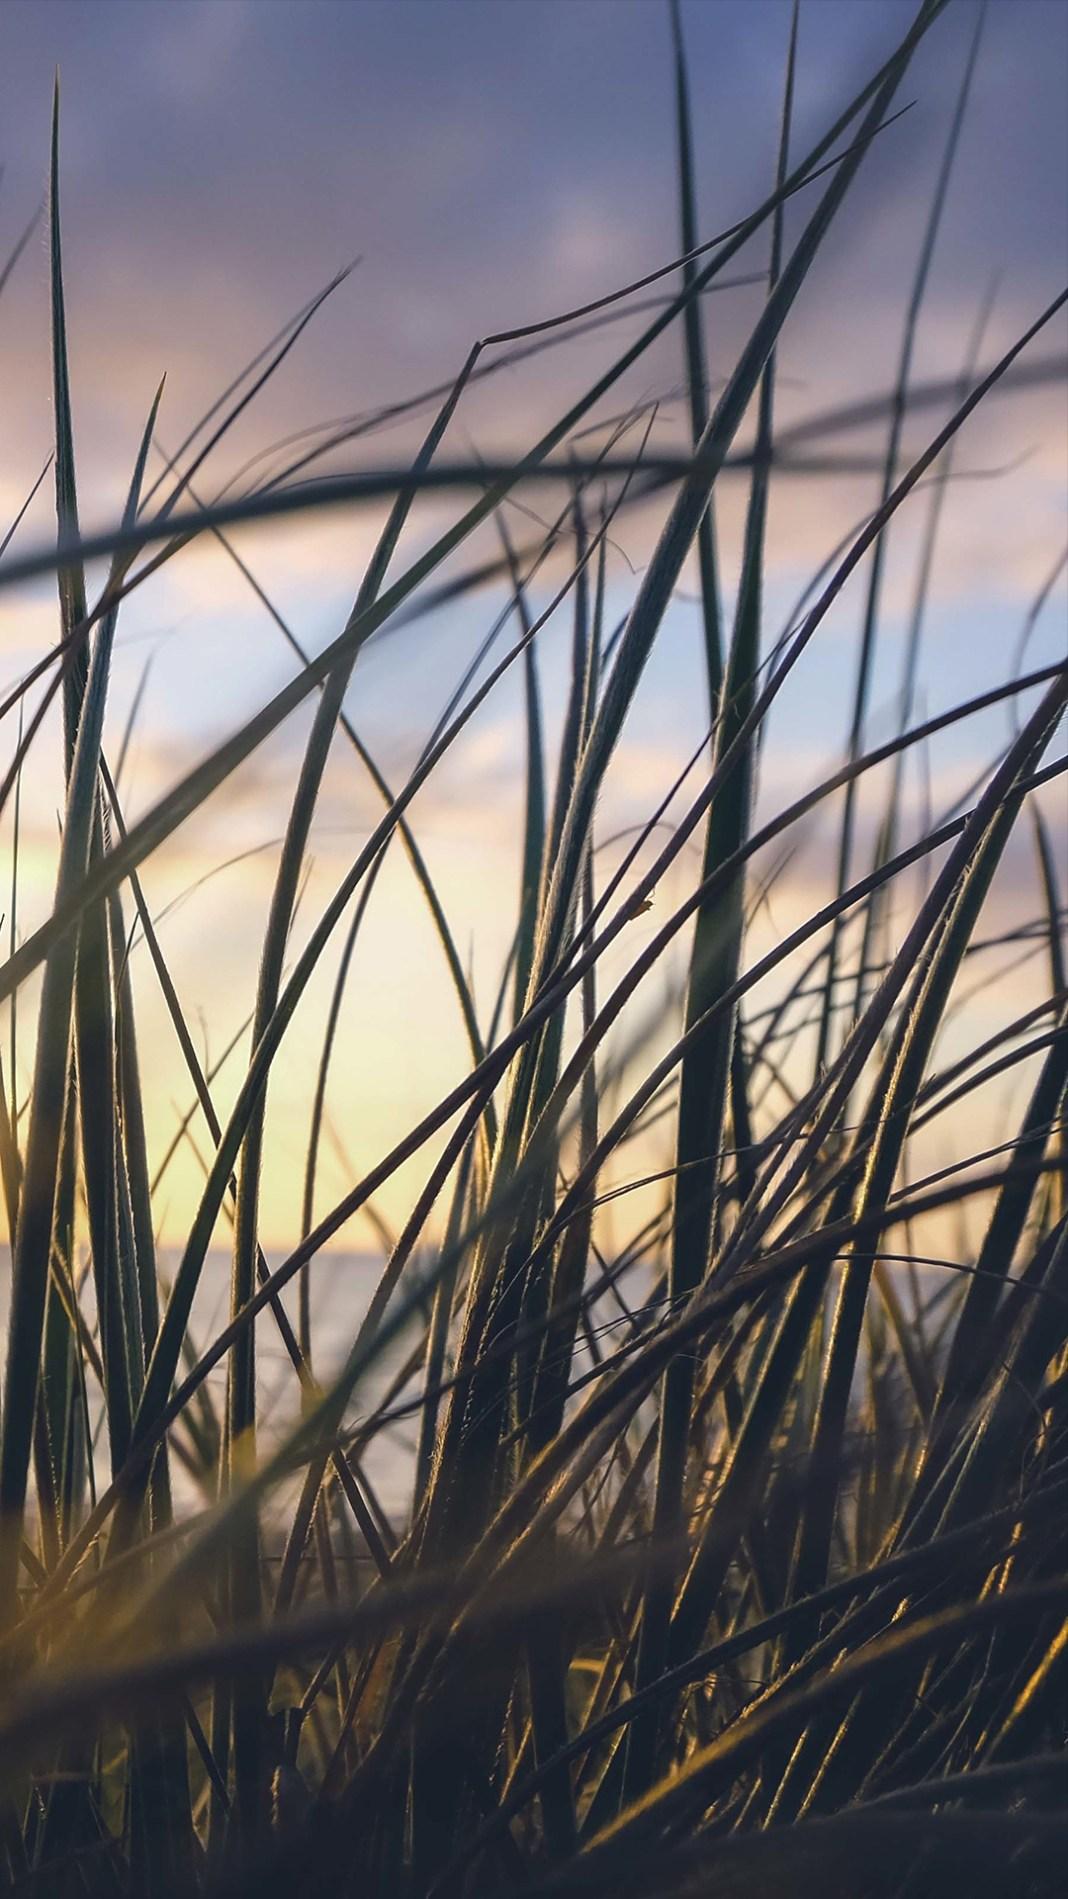 sea-grass-4474